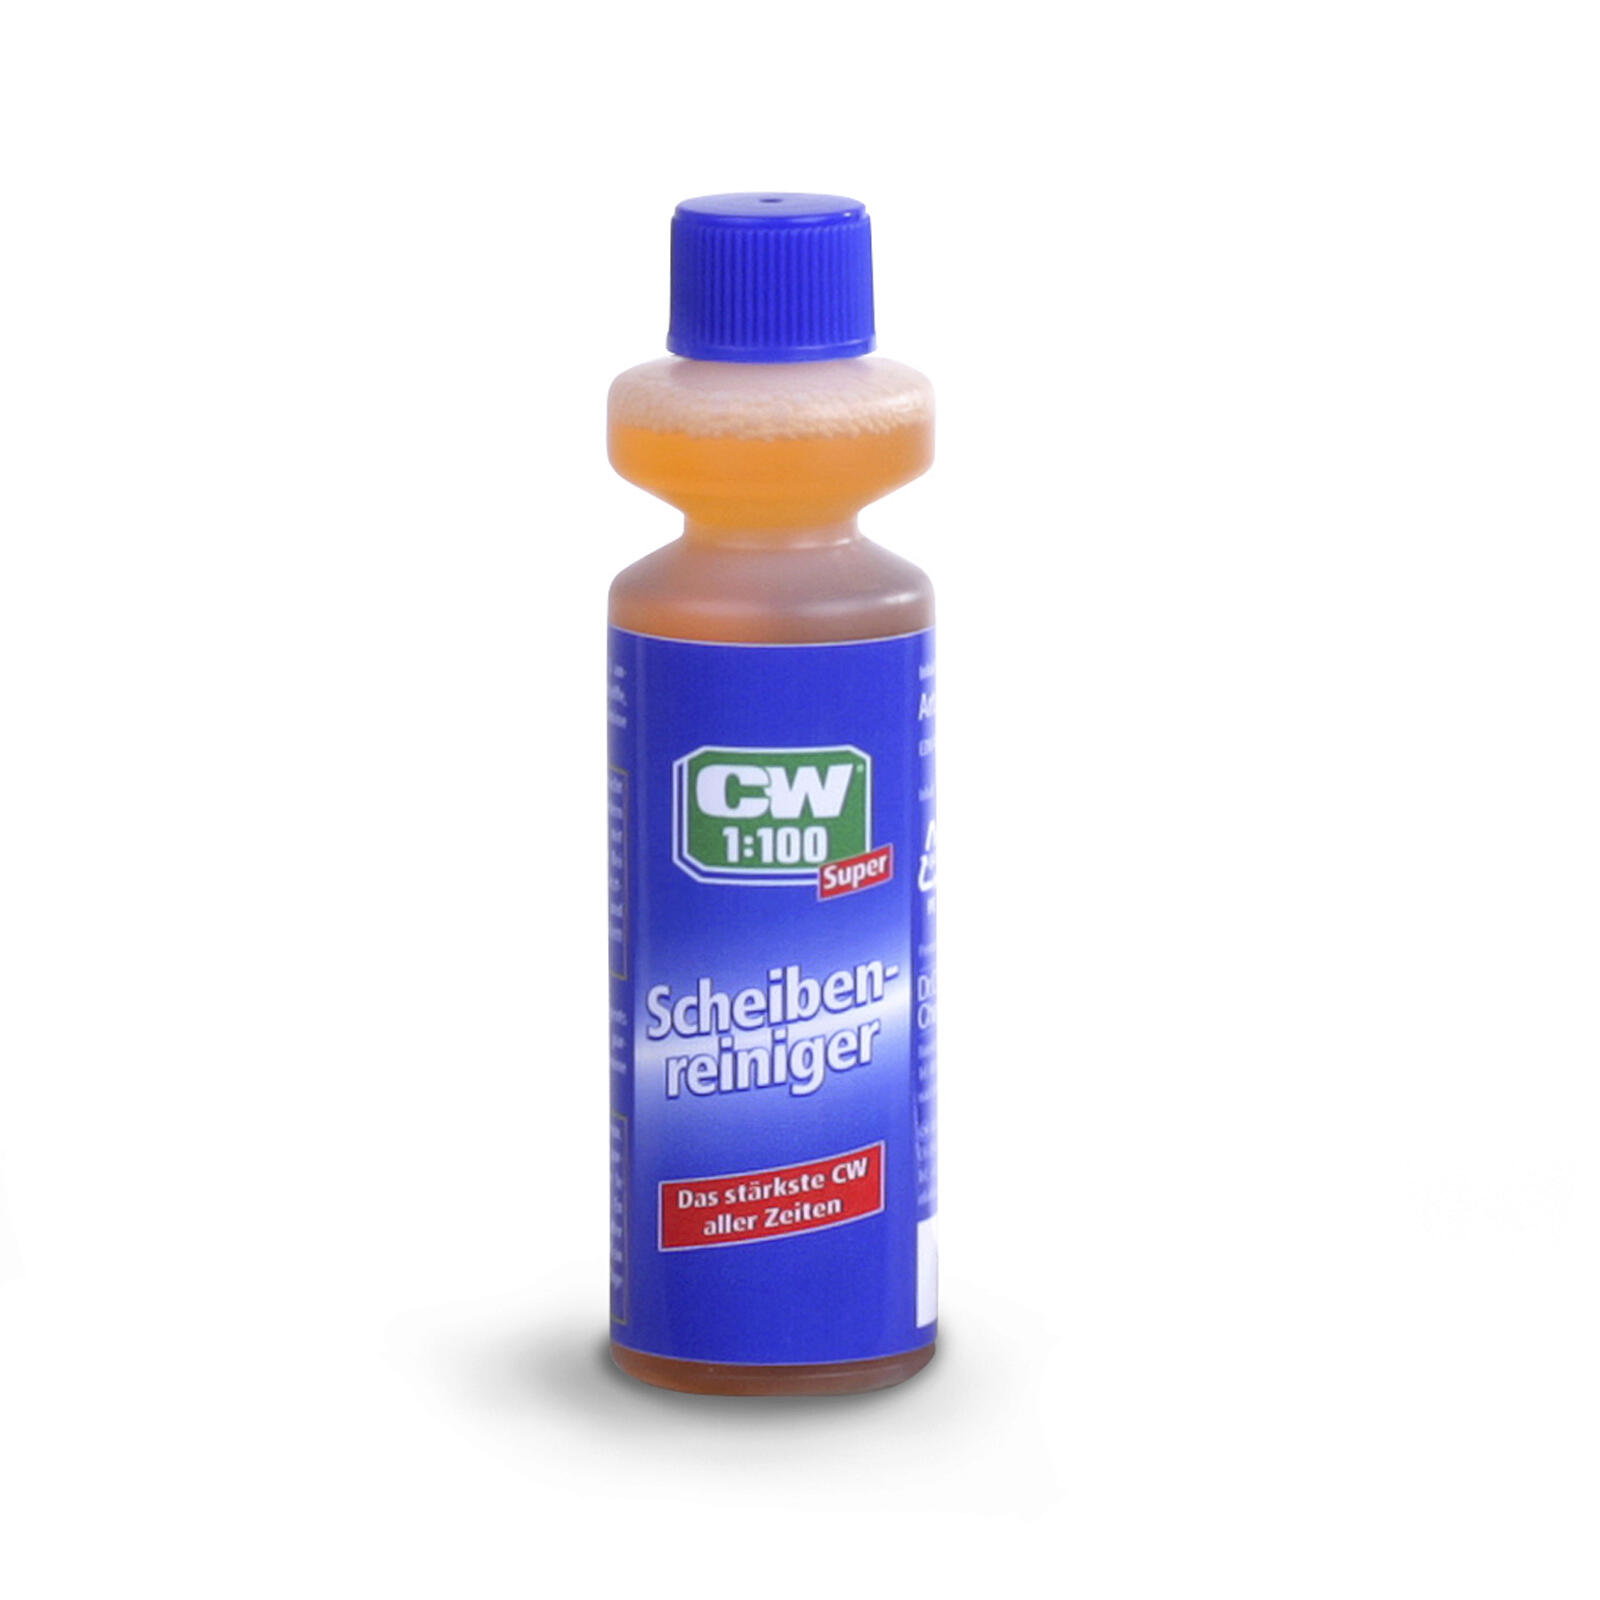 Dr. Wack CW Super 1:100 Scheibenreiniger 40 ML beseitigt sofort Schmierfilme